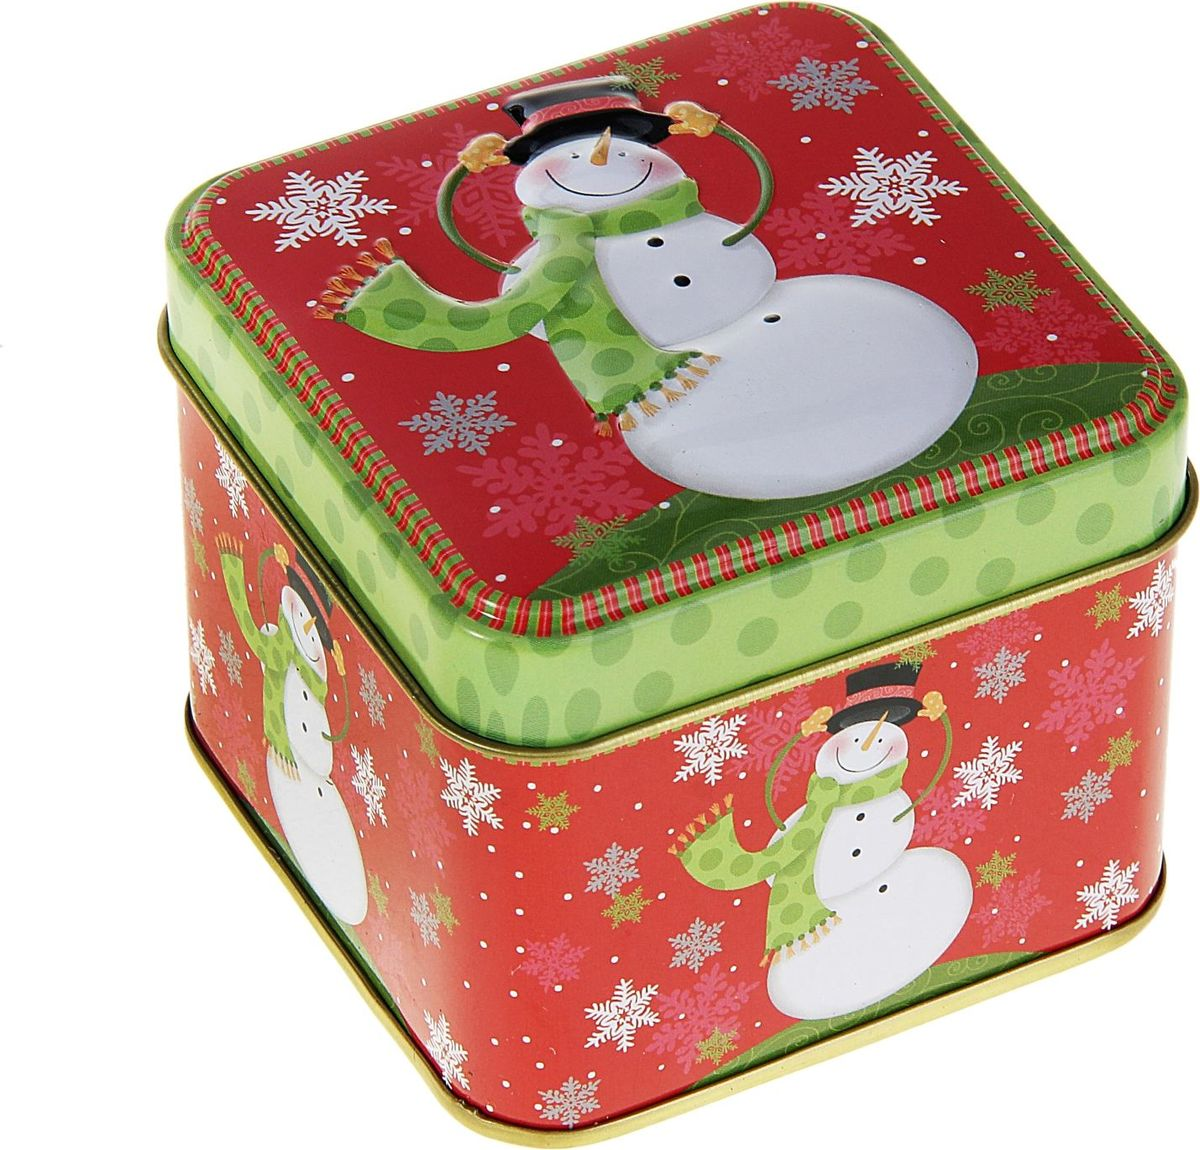 Шкатулка Sima-land Снеговик, цвет: красный, 7,5 х 7,5 х 6,5 см233133Шкатулка — это небольшой сувенир, а также оригинальная упаковка подарка. Она дополнит интерьер спальни, гостиной или прихожей. Изделие предназначено для хранения украшений: колец, браслетов, часов, цепочек, колье, сережек и прочих предметов.